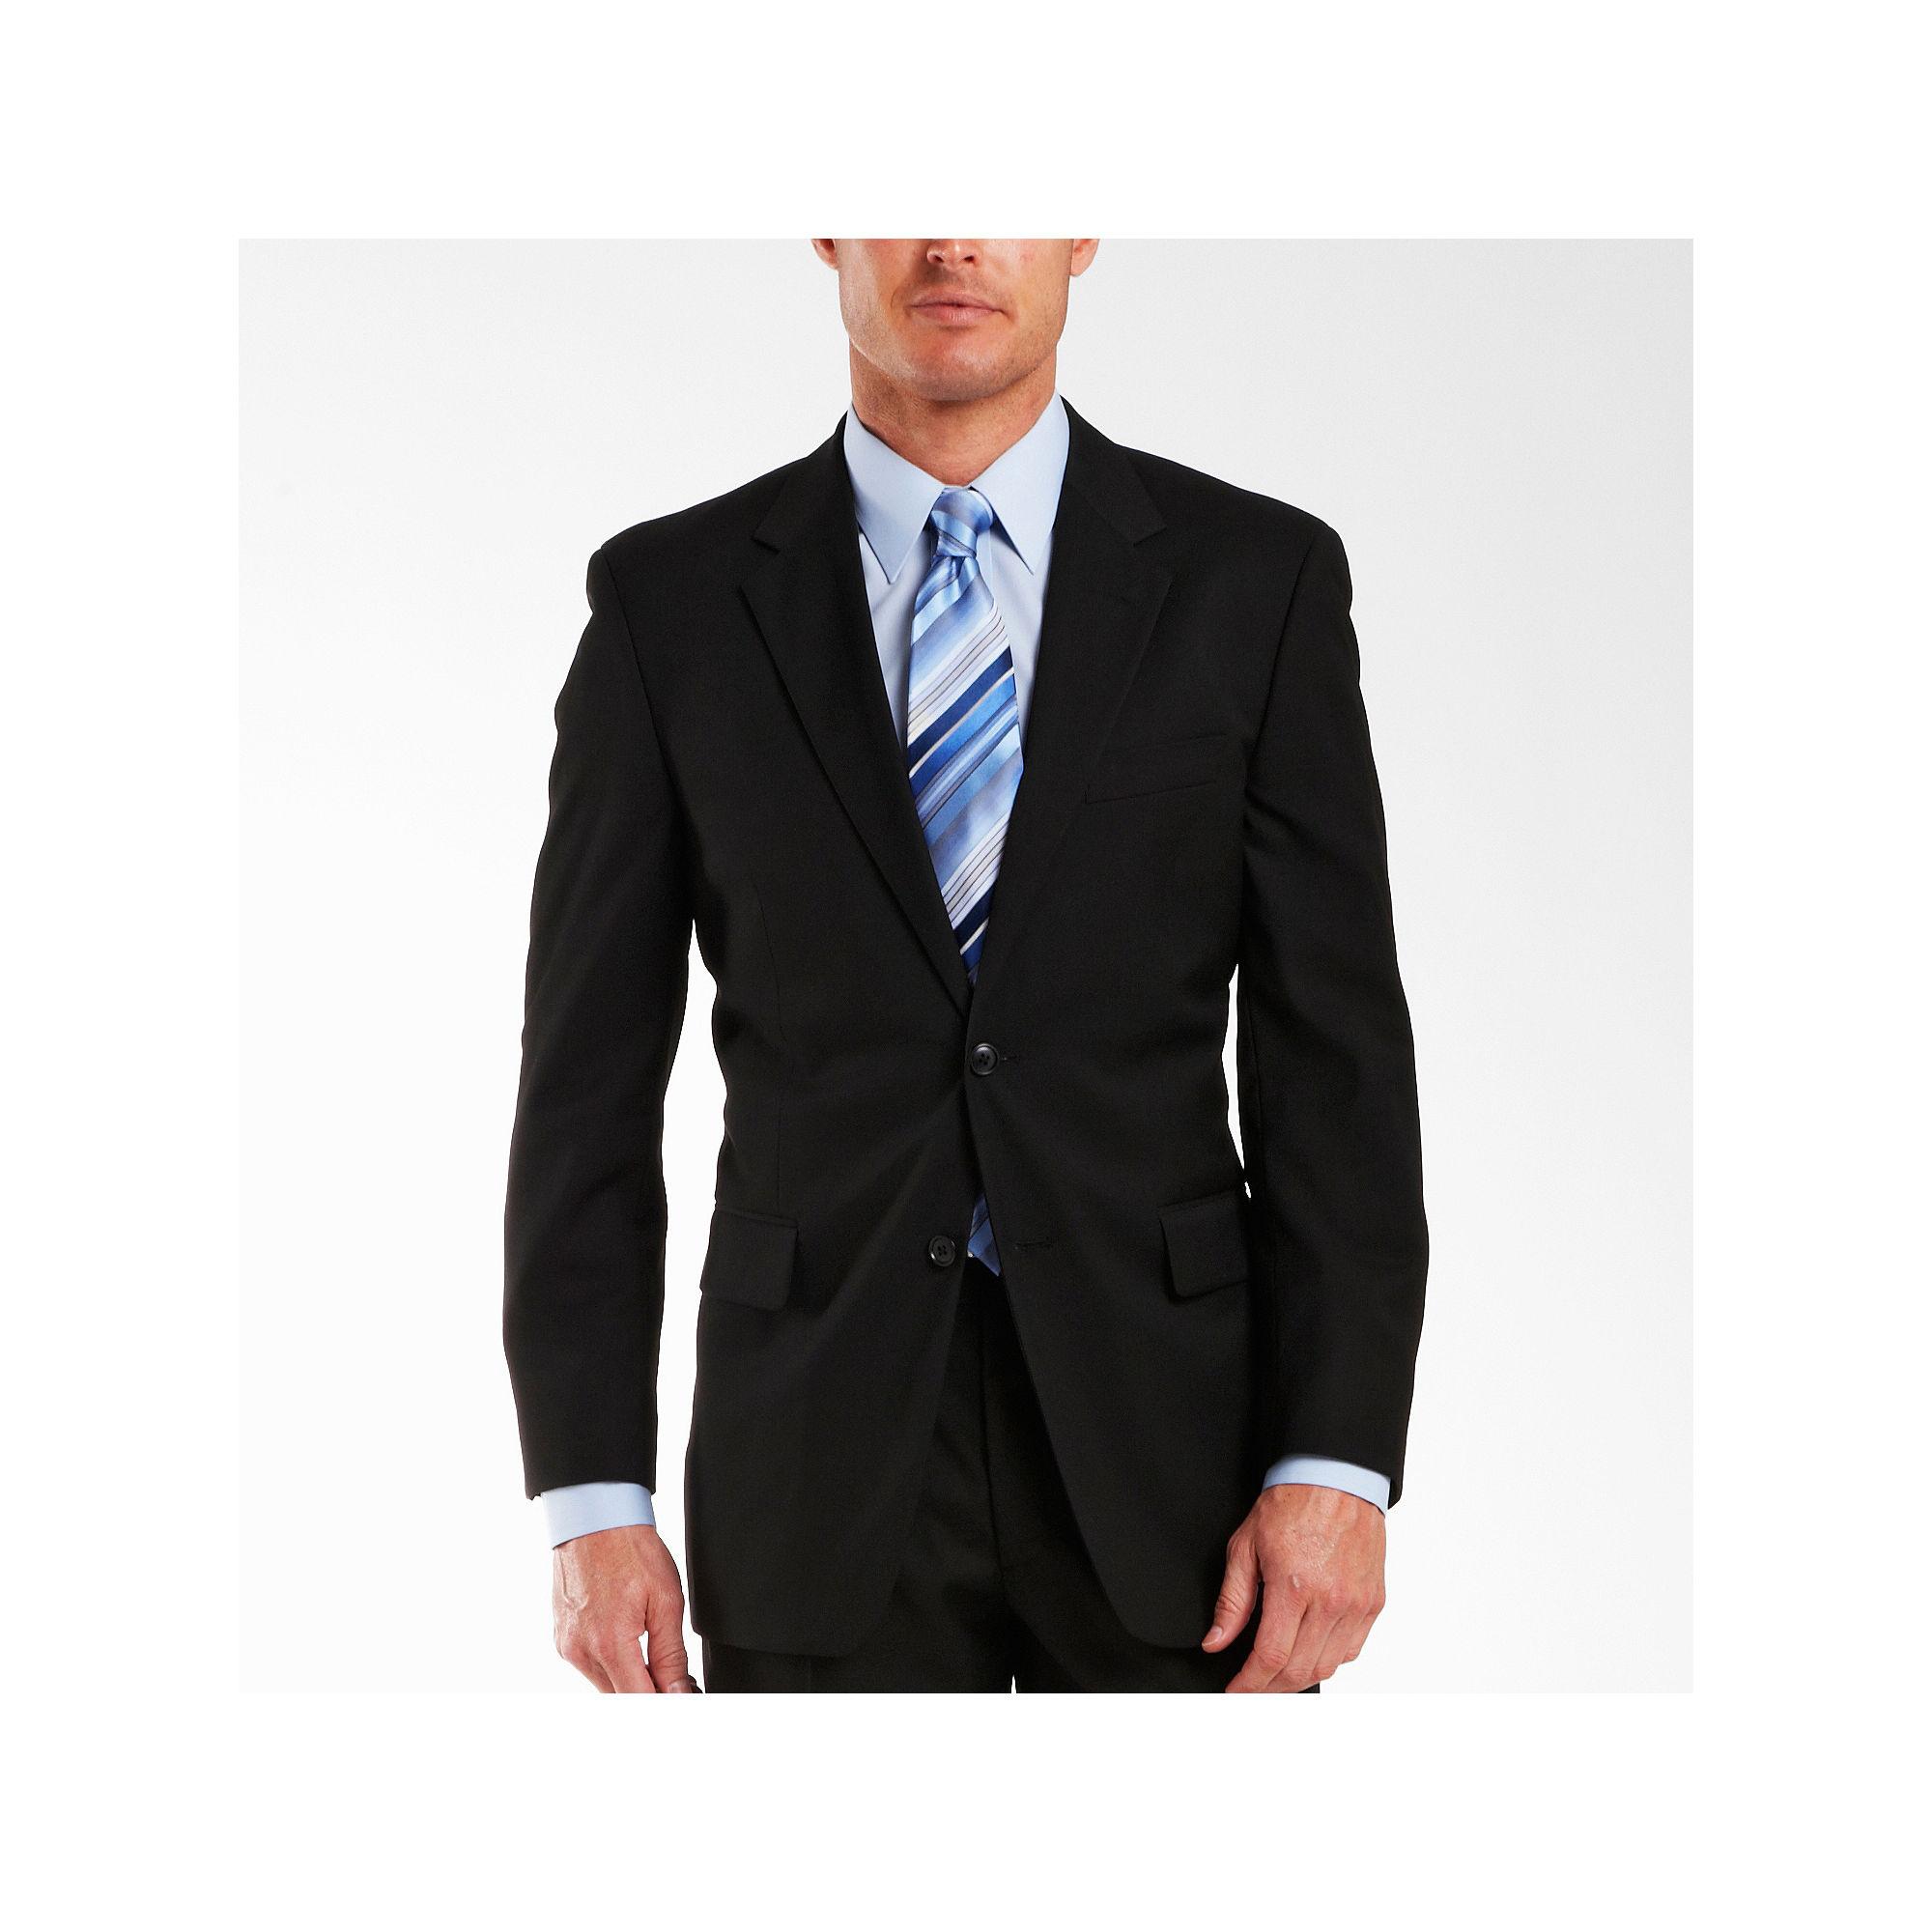 Adolfo Black Suit Jacket - Portly